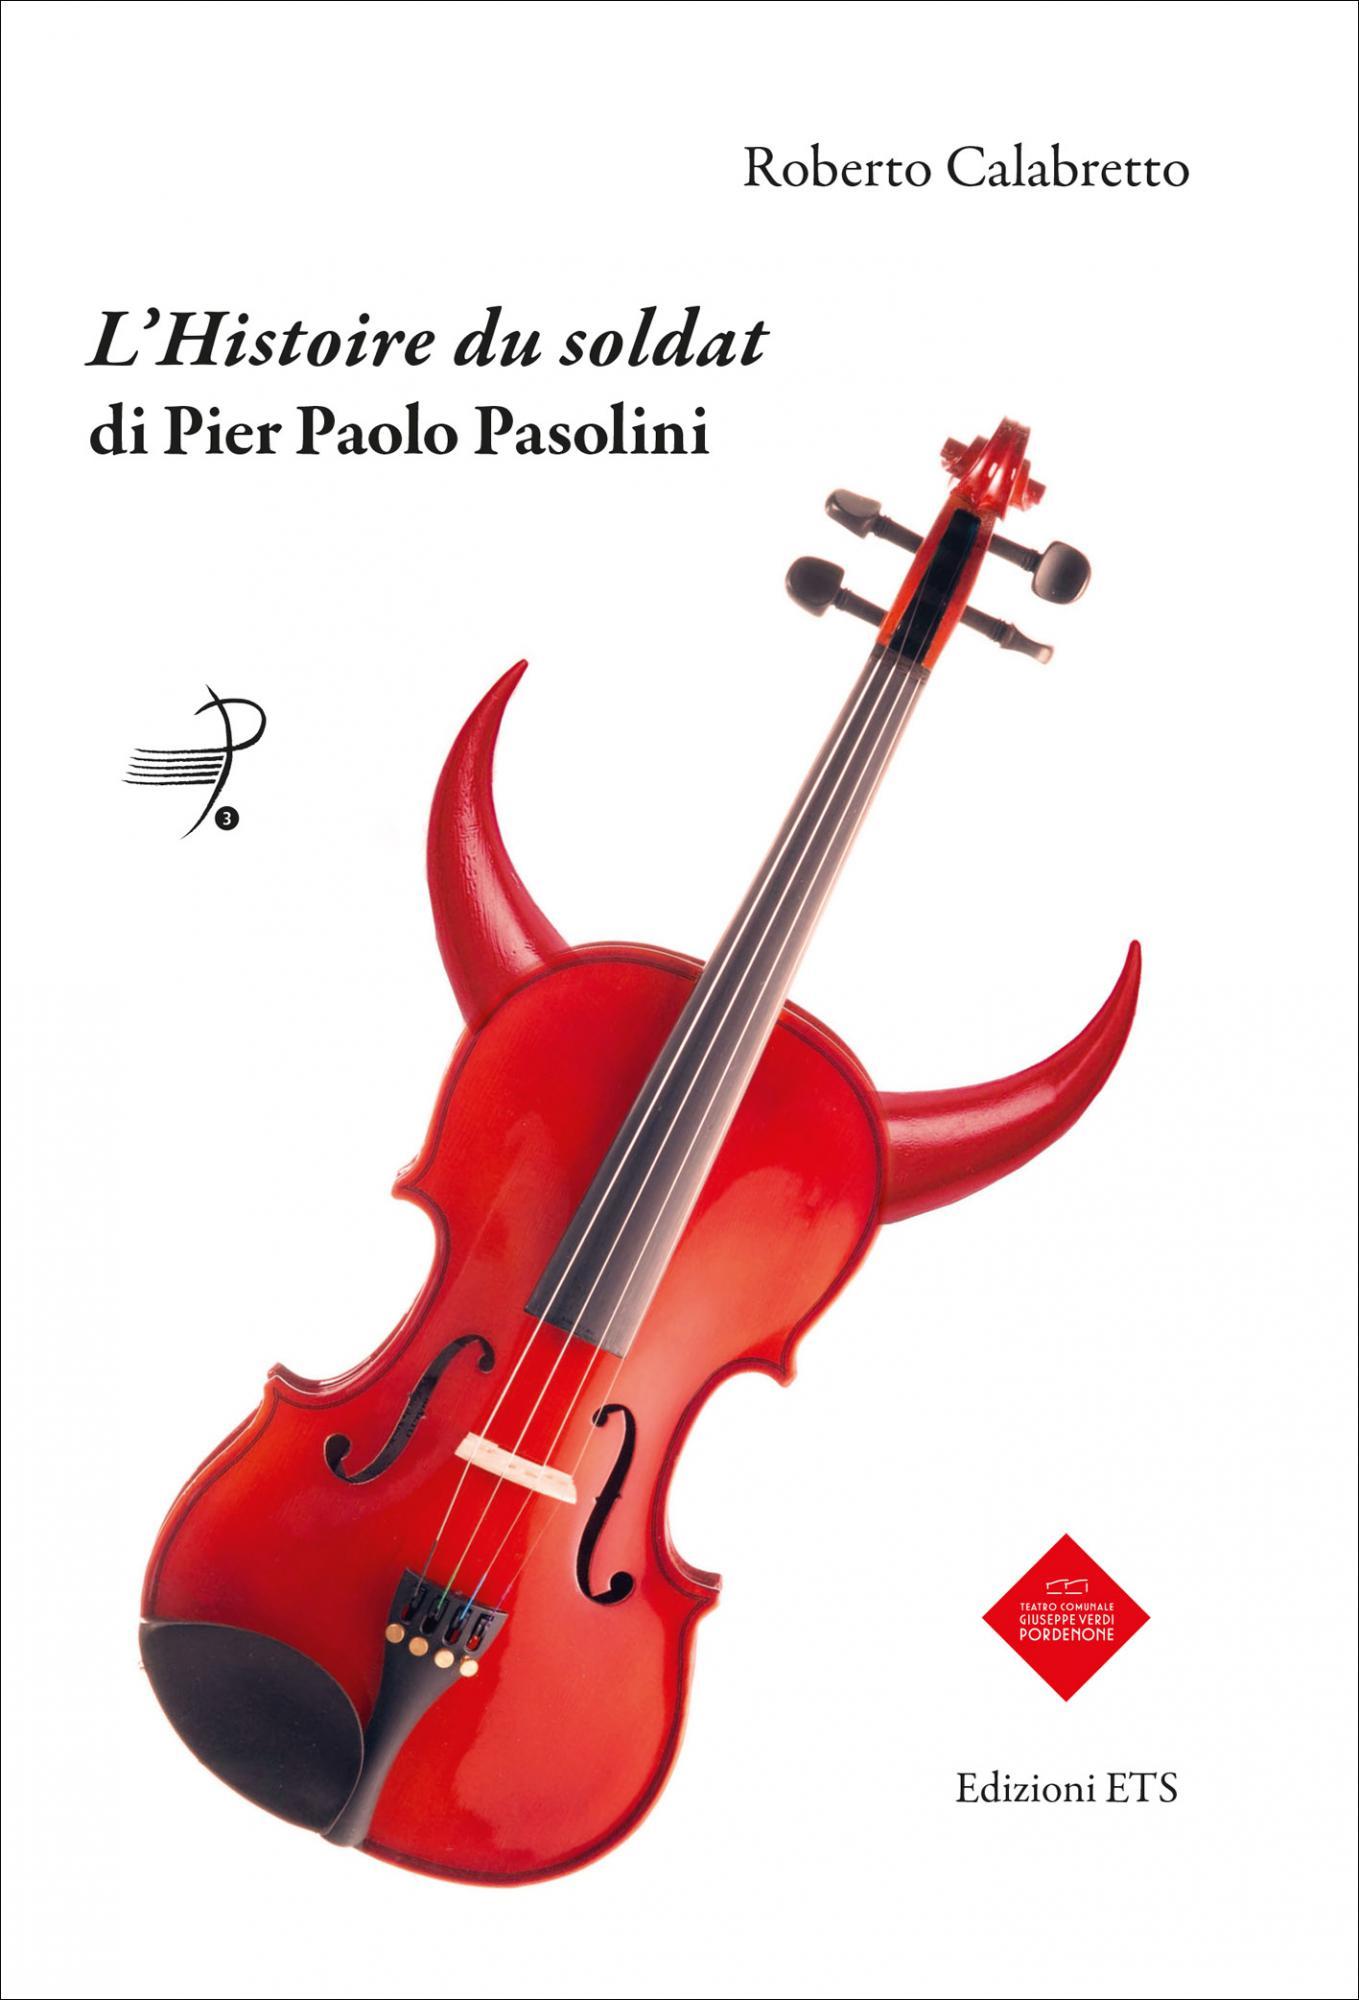 <em>L'Histoire du soldat</em> di Pier Paolo Pasolini